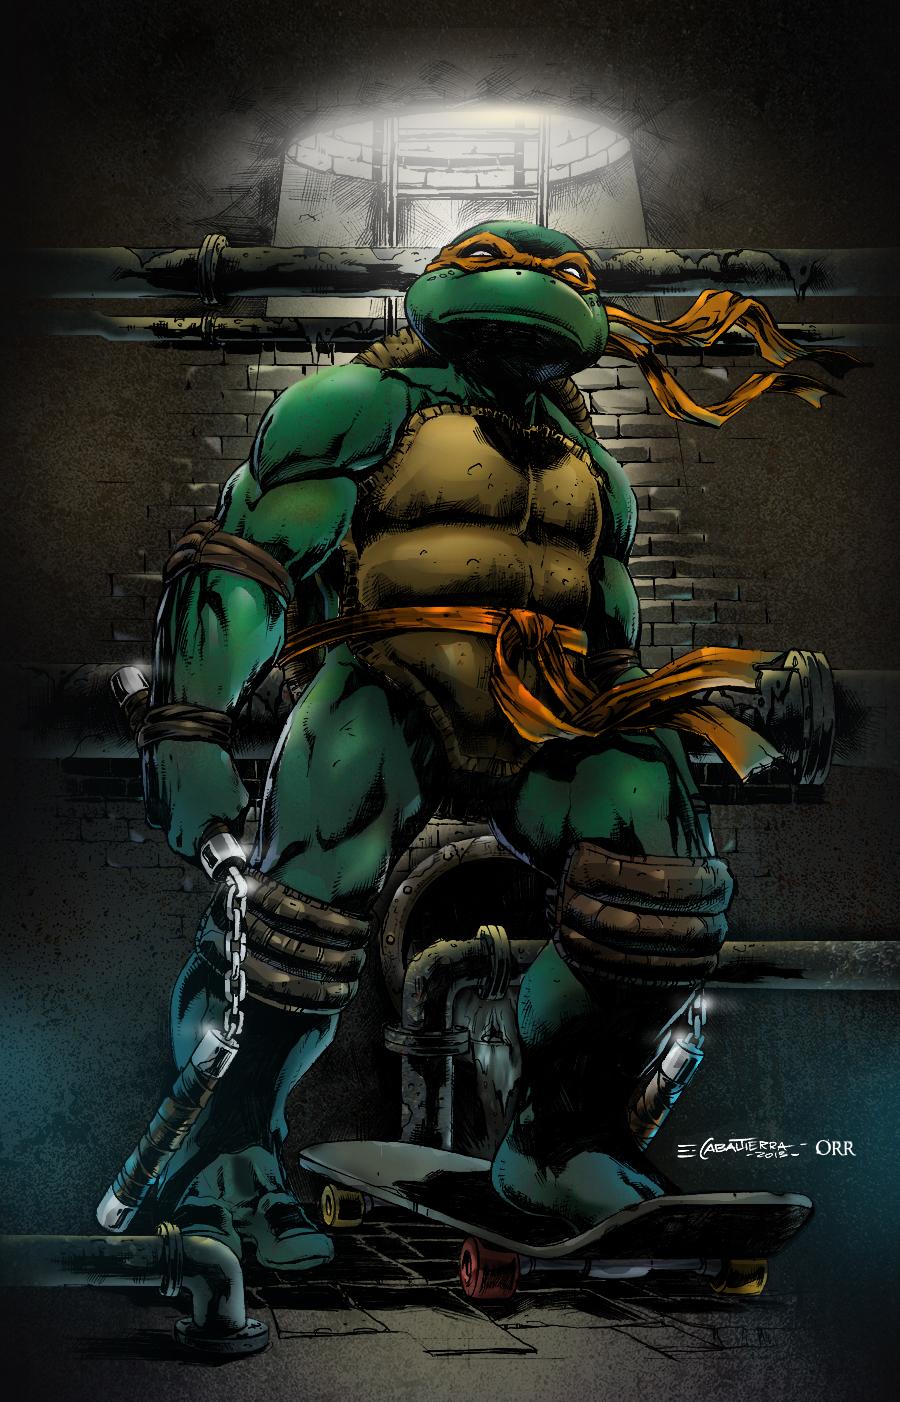 TMNT Michelangelo by scroll142